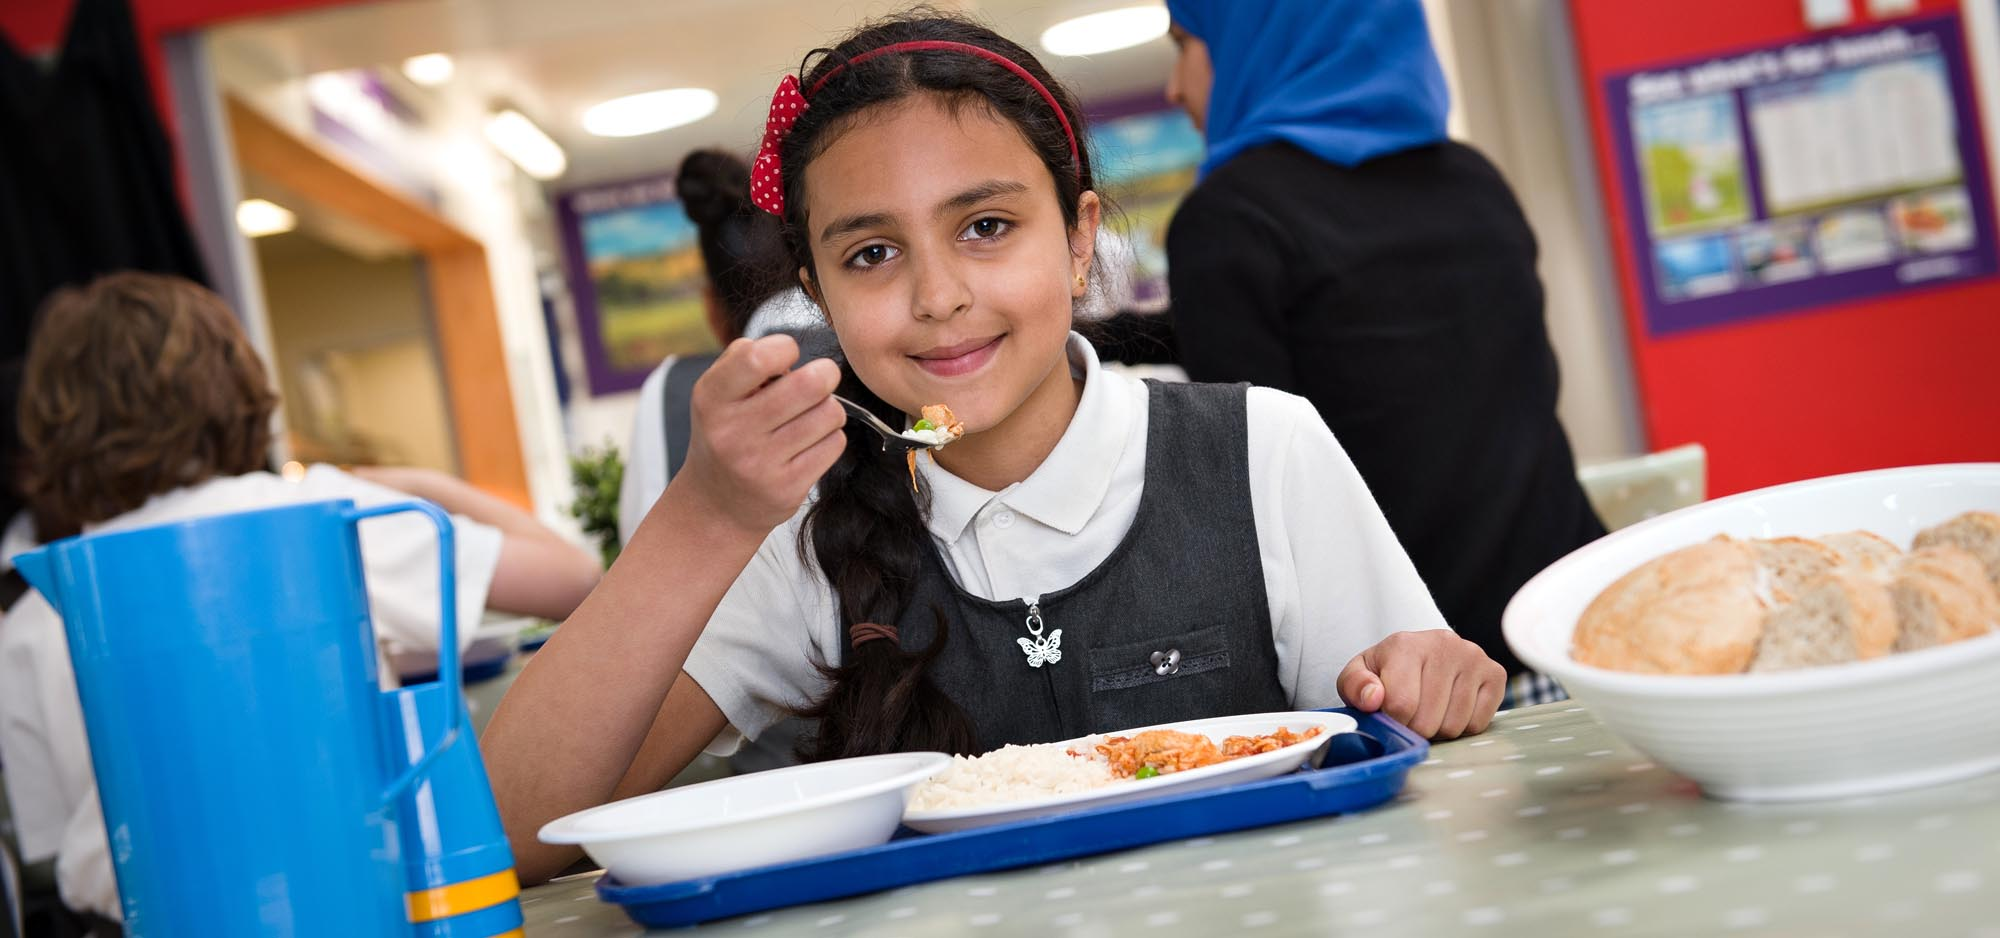 girl-eating-lunch